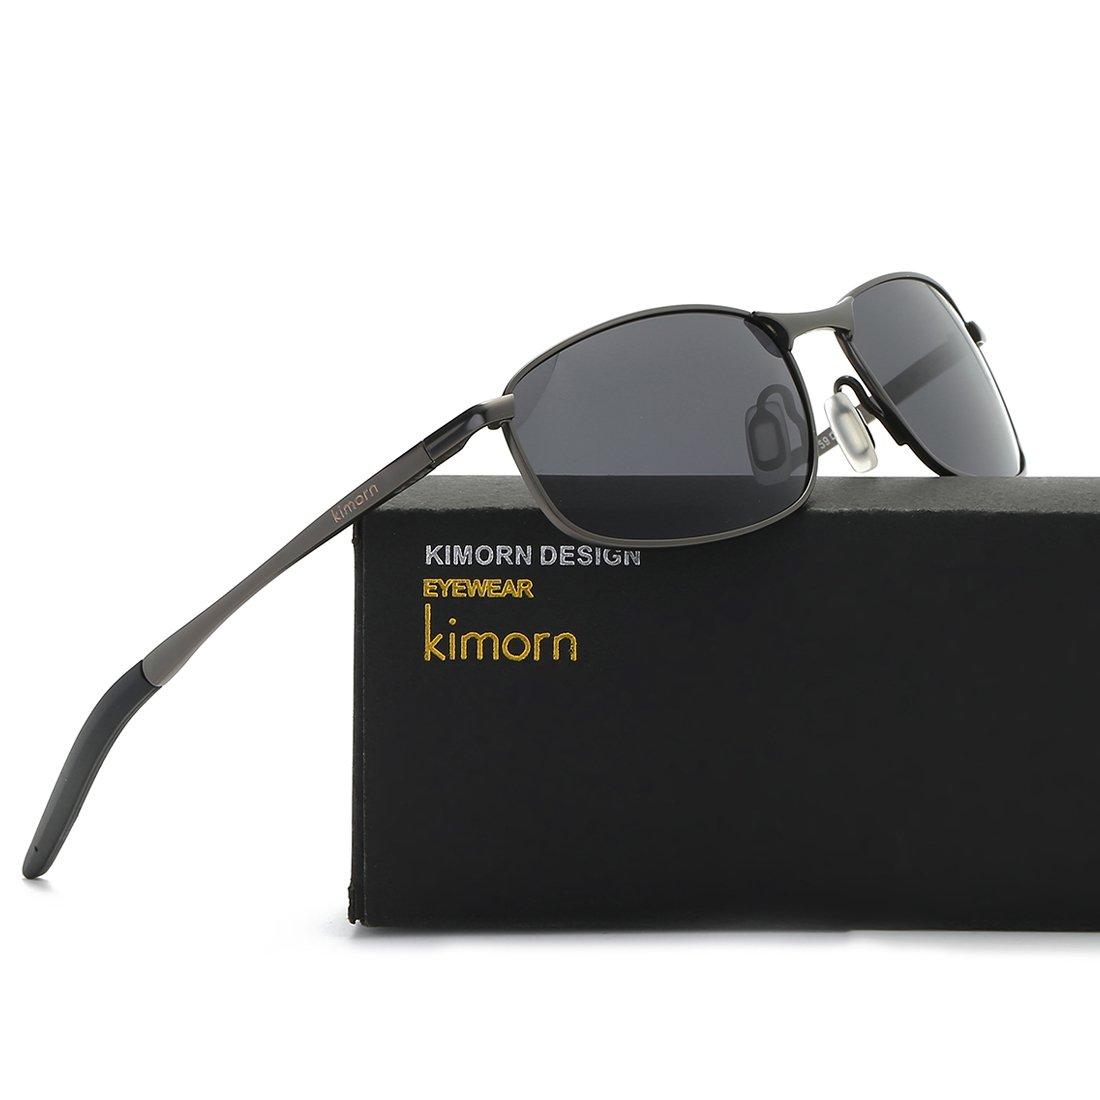 kimorn Polarizado Gafas de sol Hombre Retro Rectangulares metal Marco K0535 (Gris&Negro): Amazon.es: Ropa y accesorios